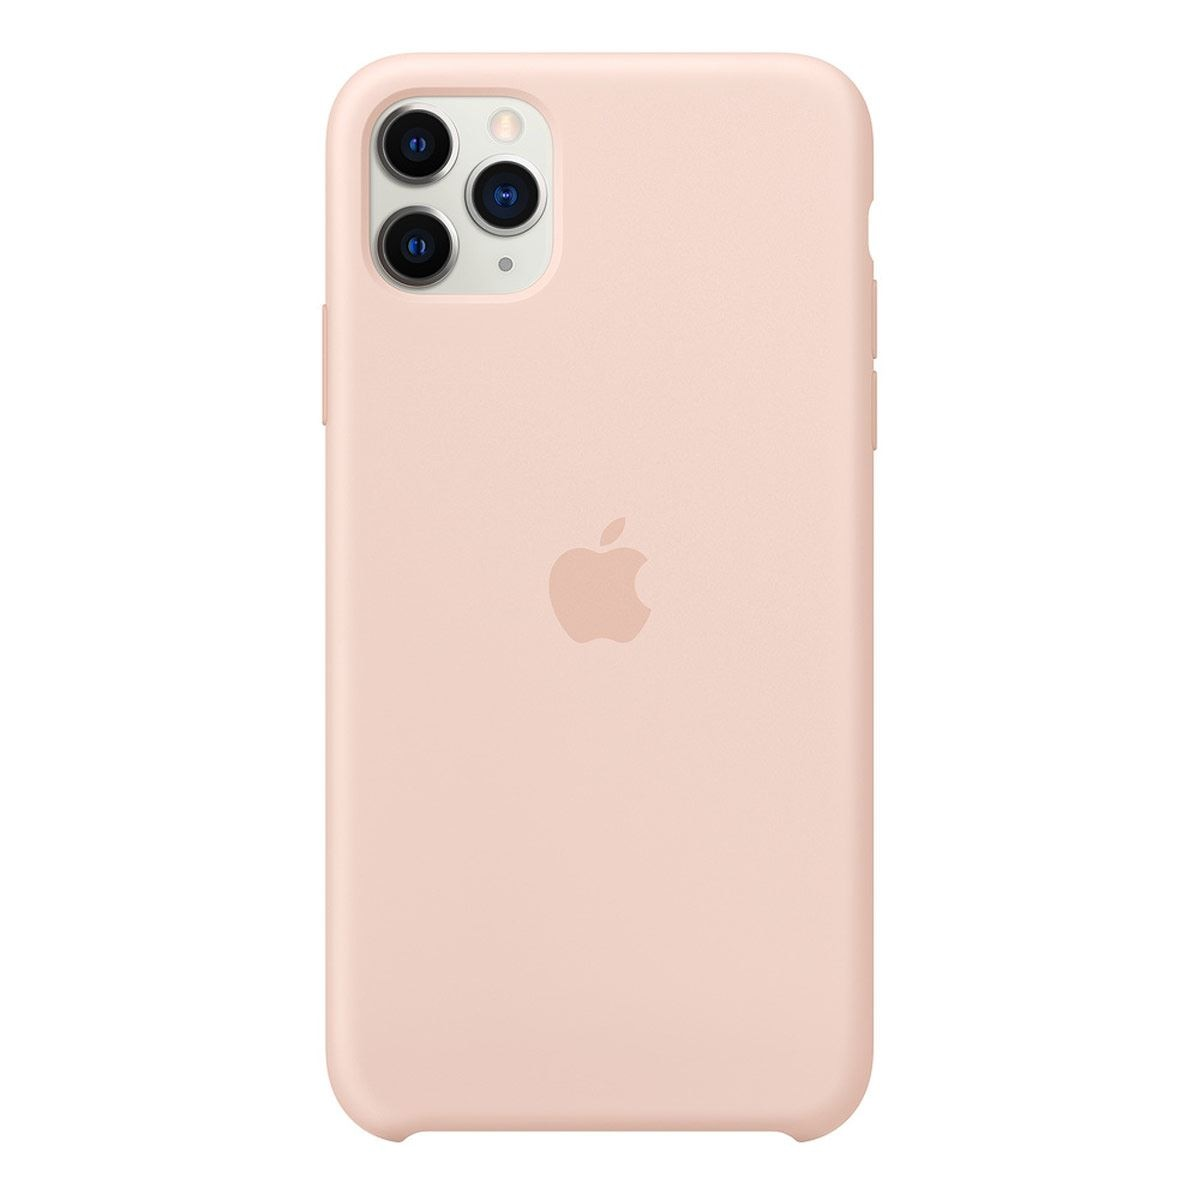 Funda de Silicón para iPhone 11 Pro Max Rosa